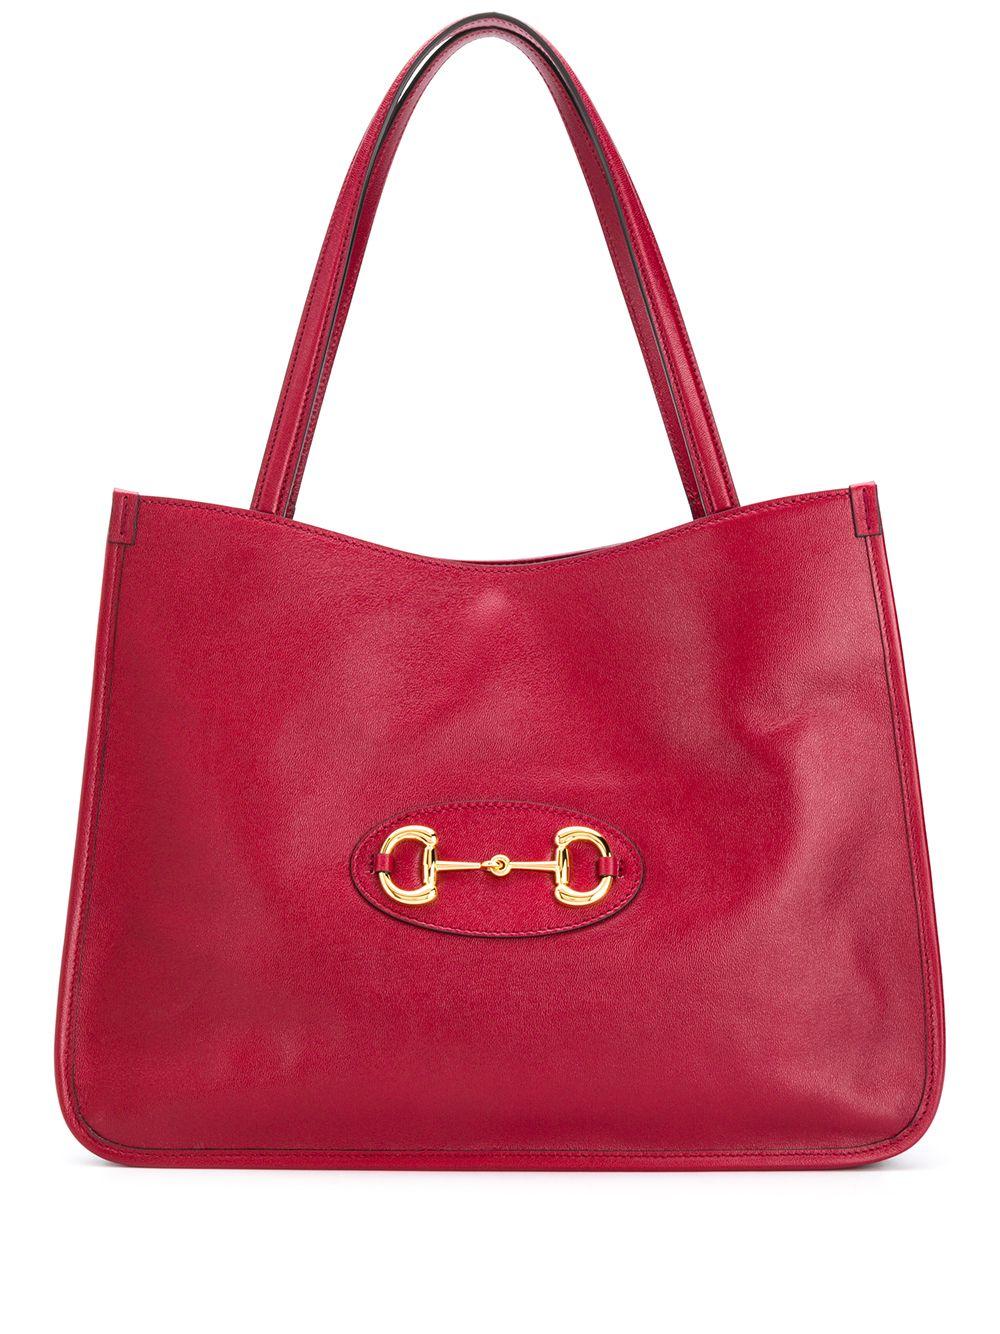 Horsebit Leather Shoulder Bag